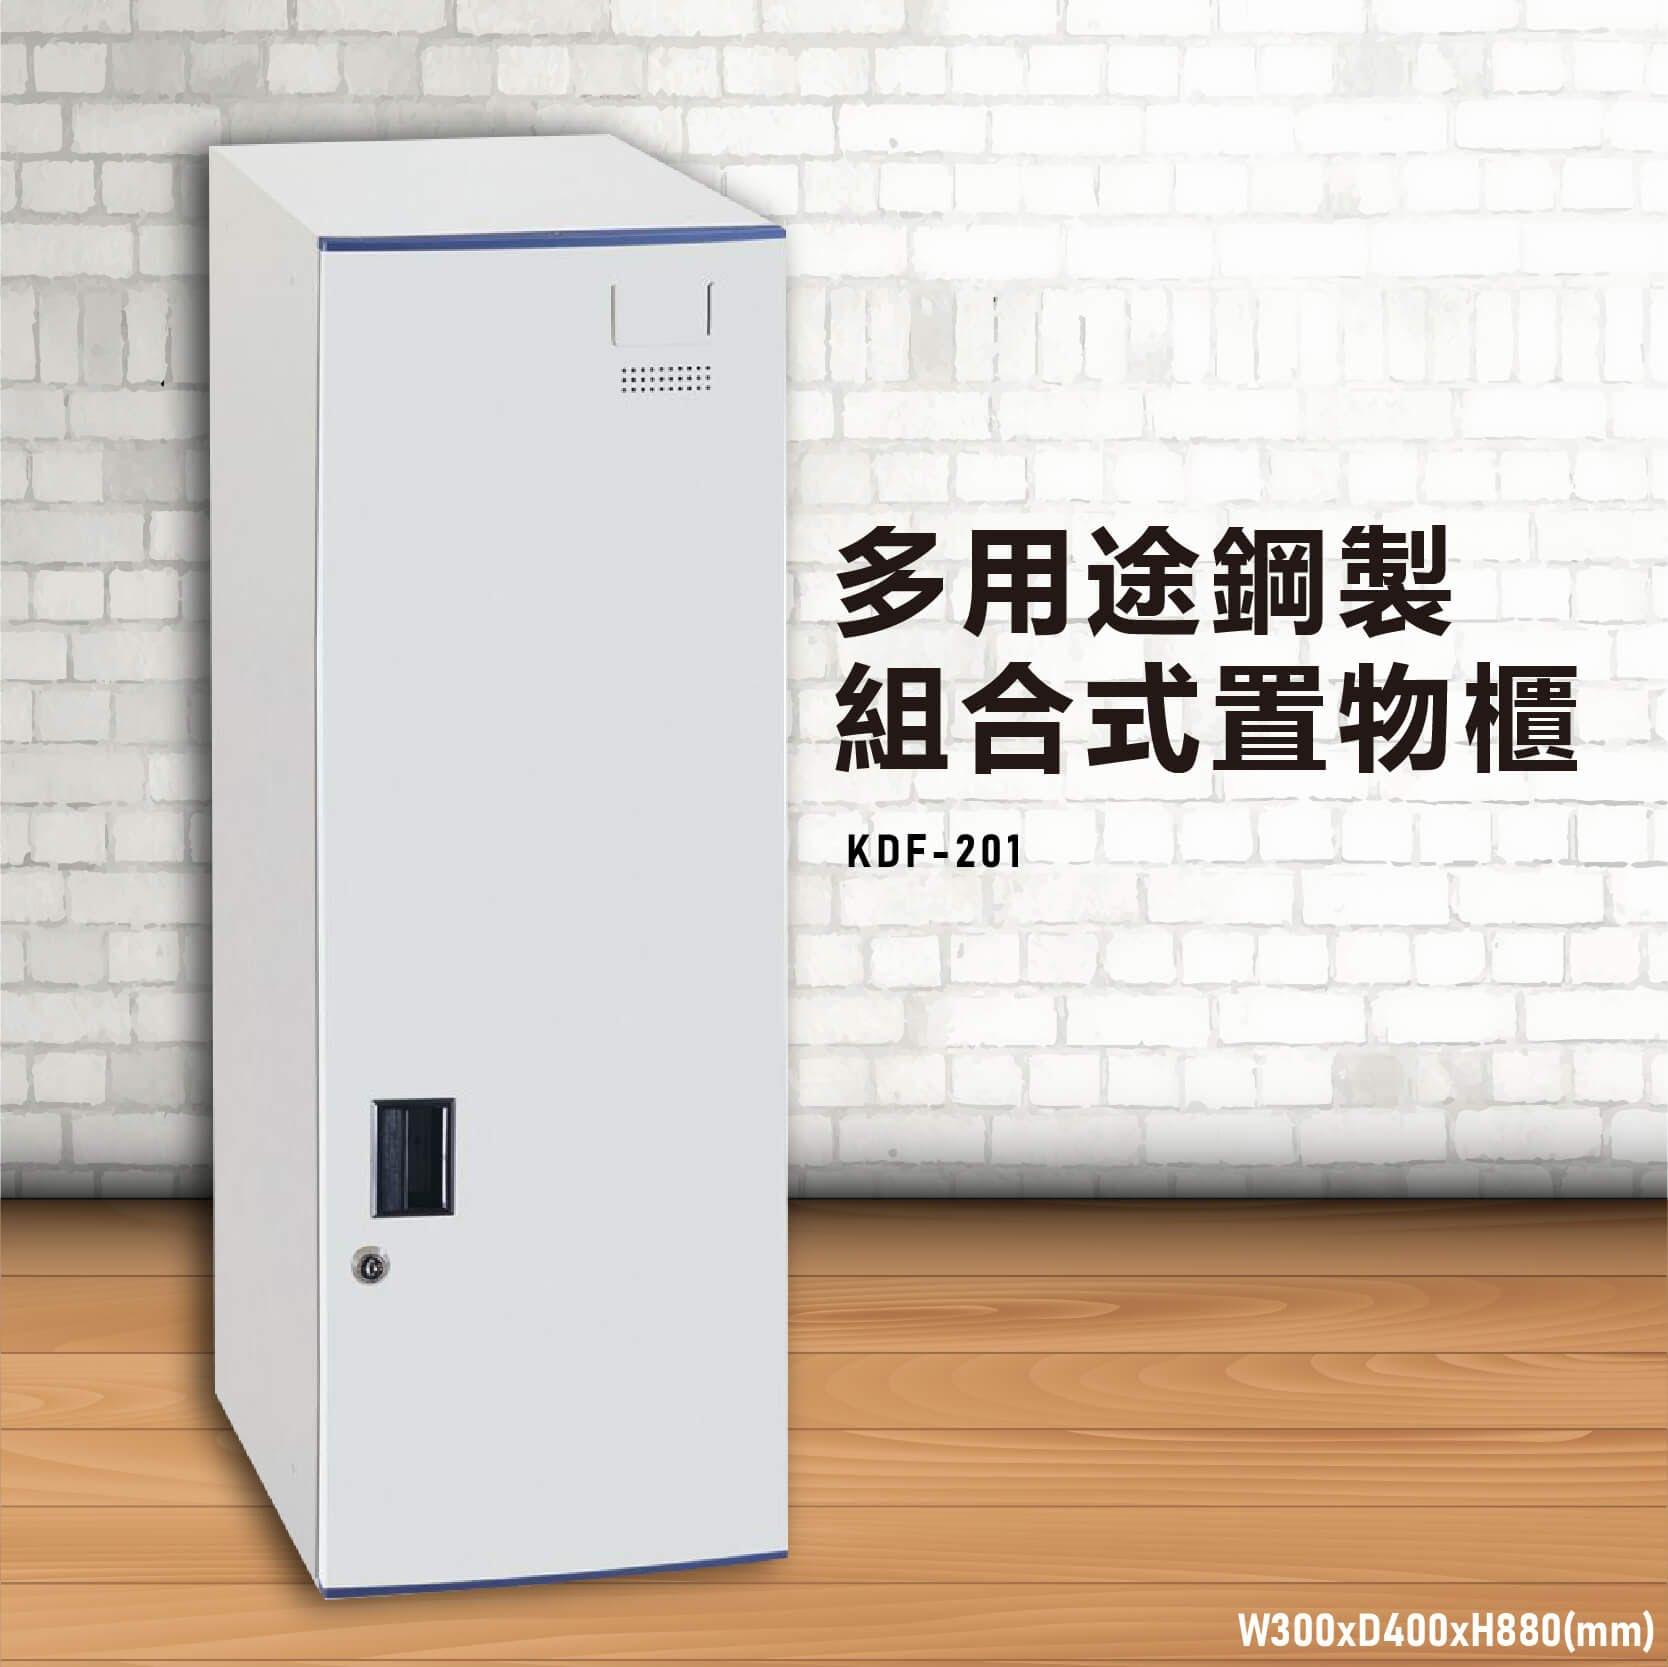 『TW品質保證』KDF-201【大富】多用途鋼製組合式置物櫃 衣櫃 鞋櫃 置物櫃 零件存放分類 任意組合櫃子